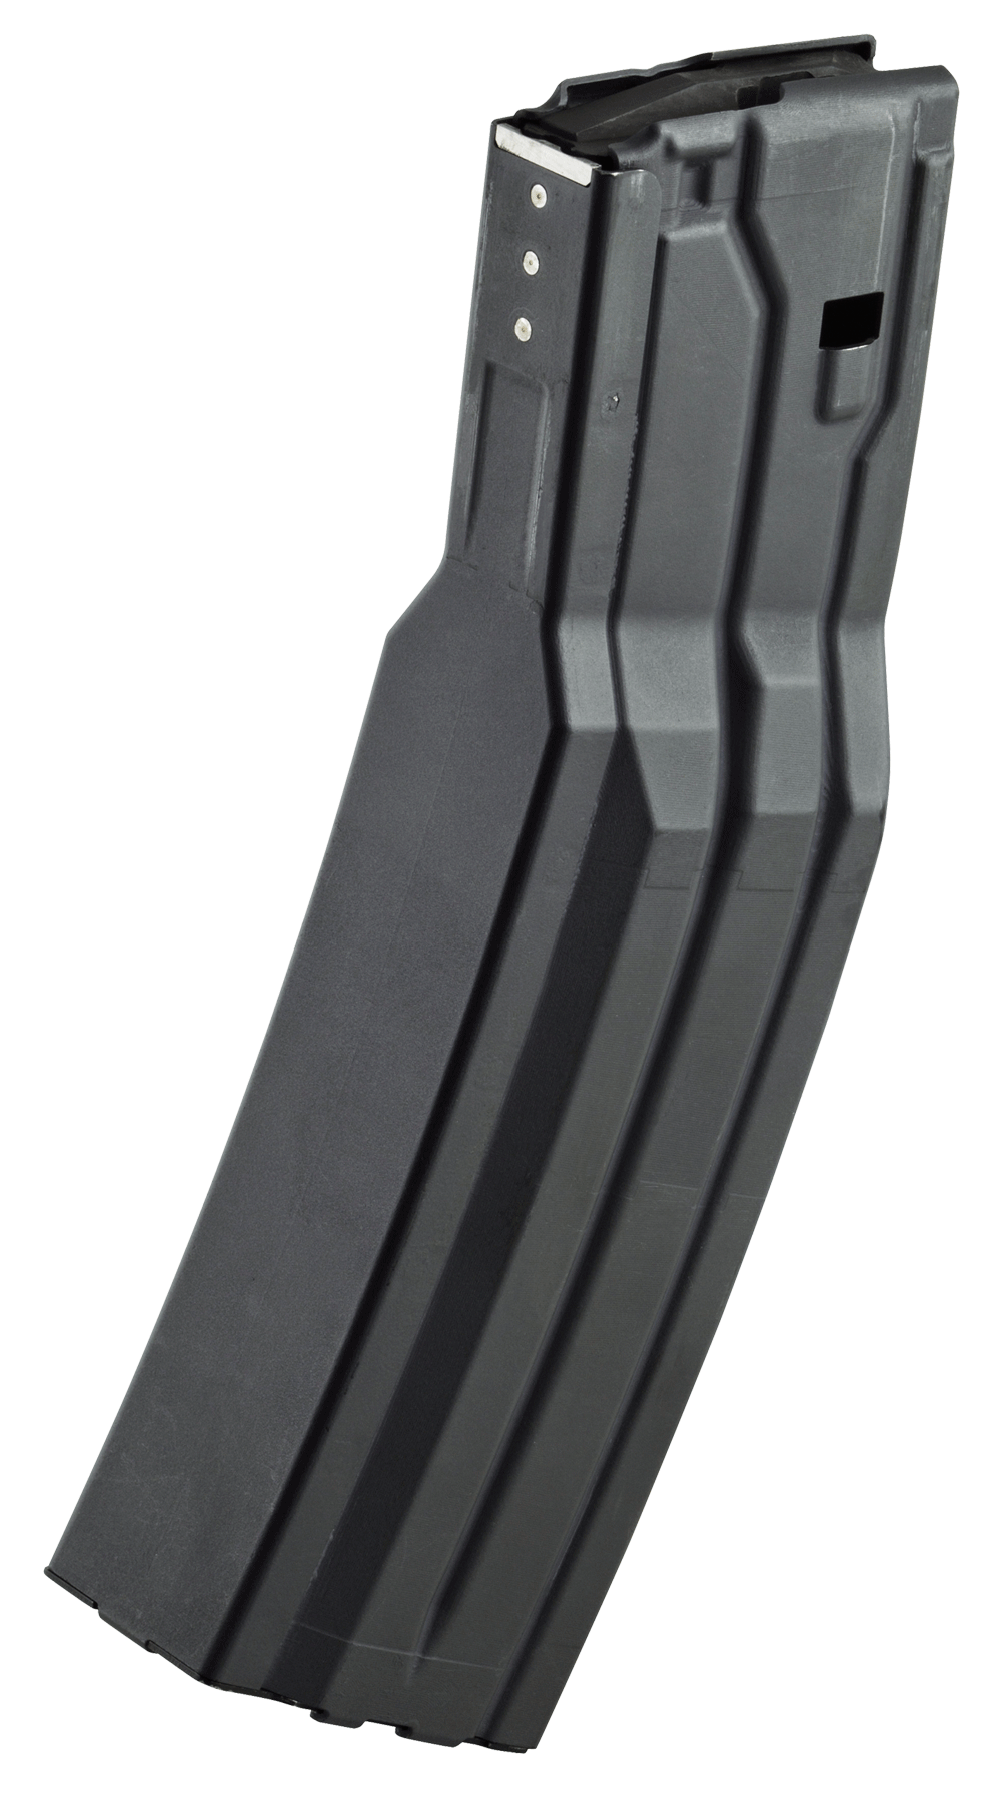 SUREFIRE MAG5-60